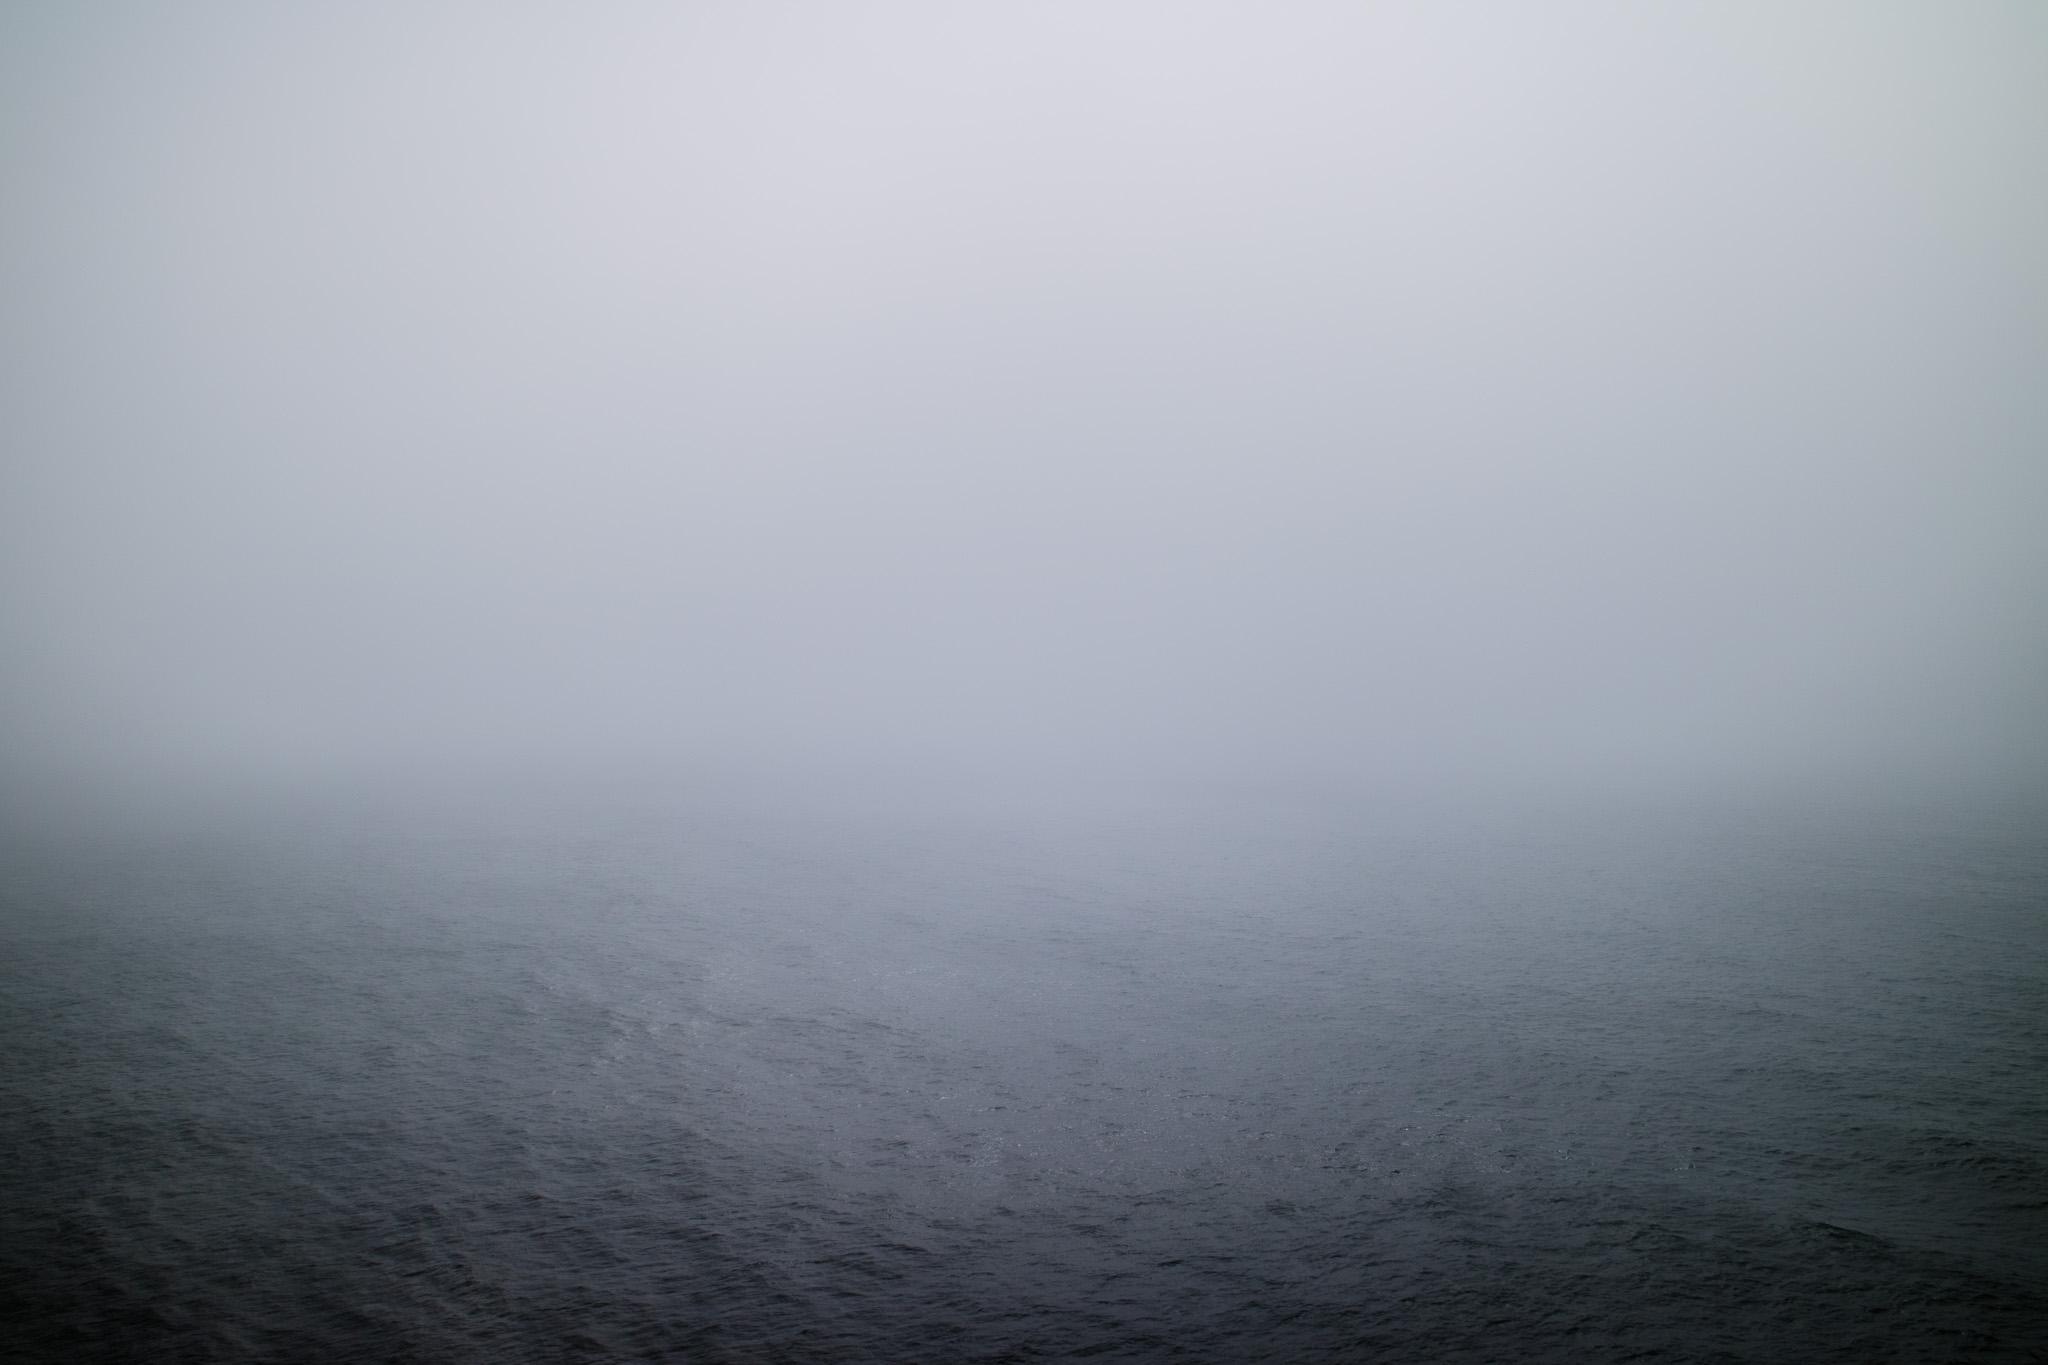 Fog for days.